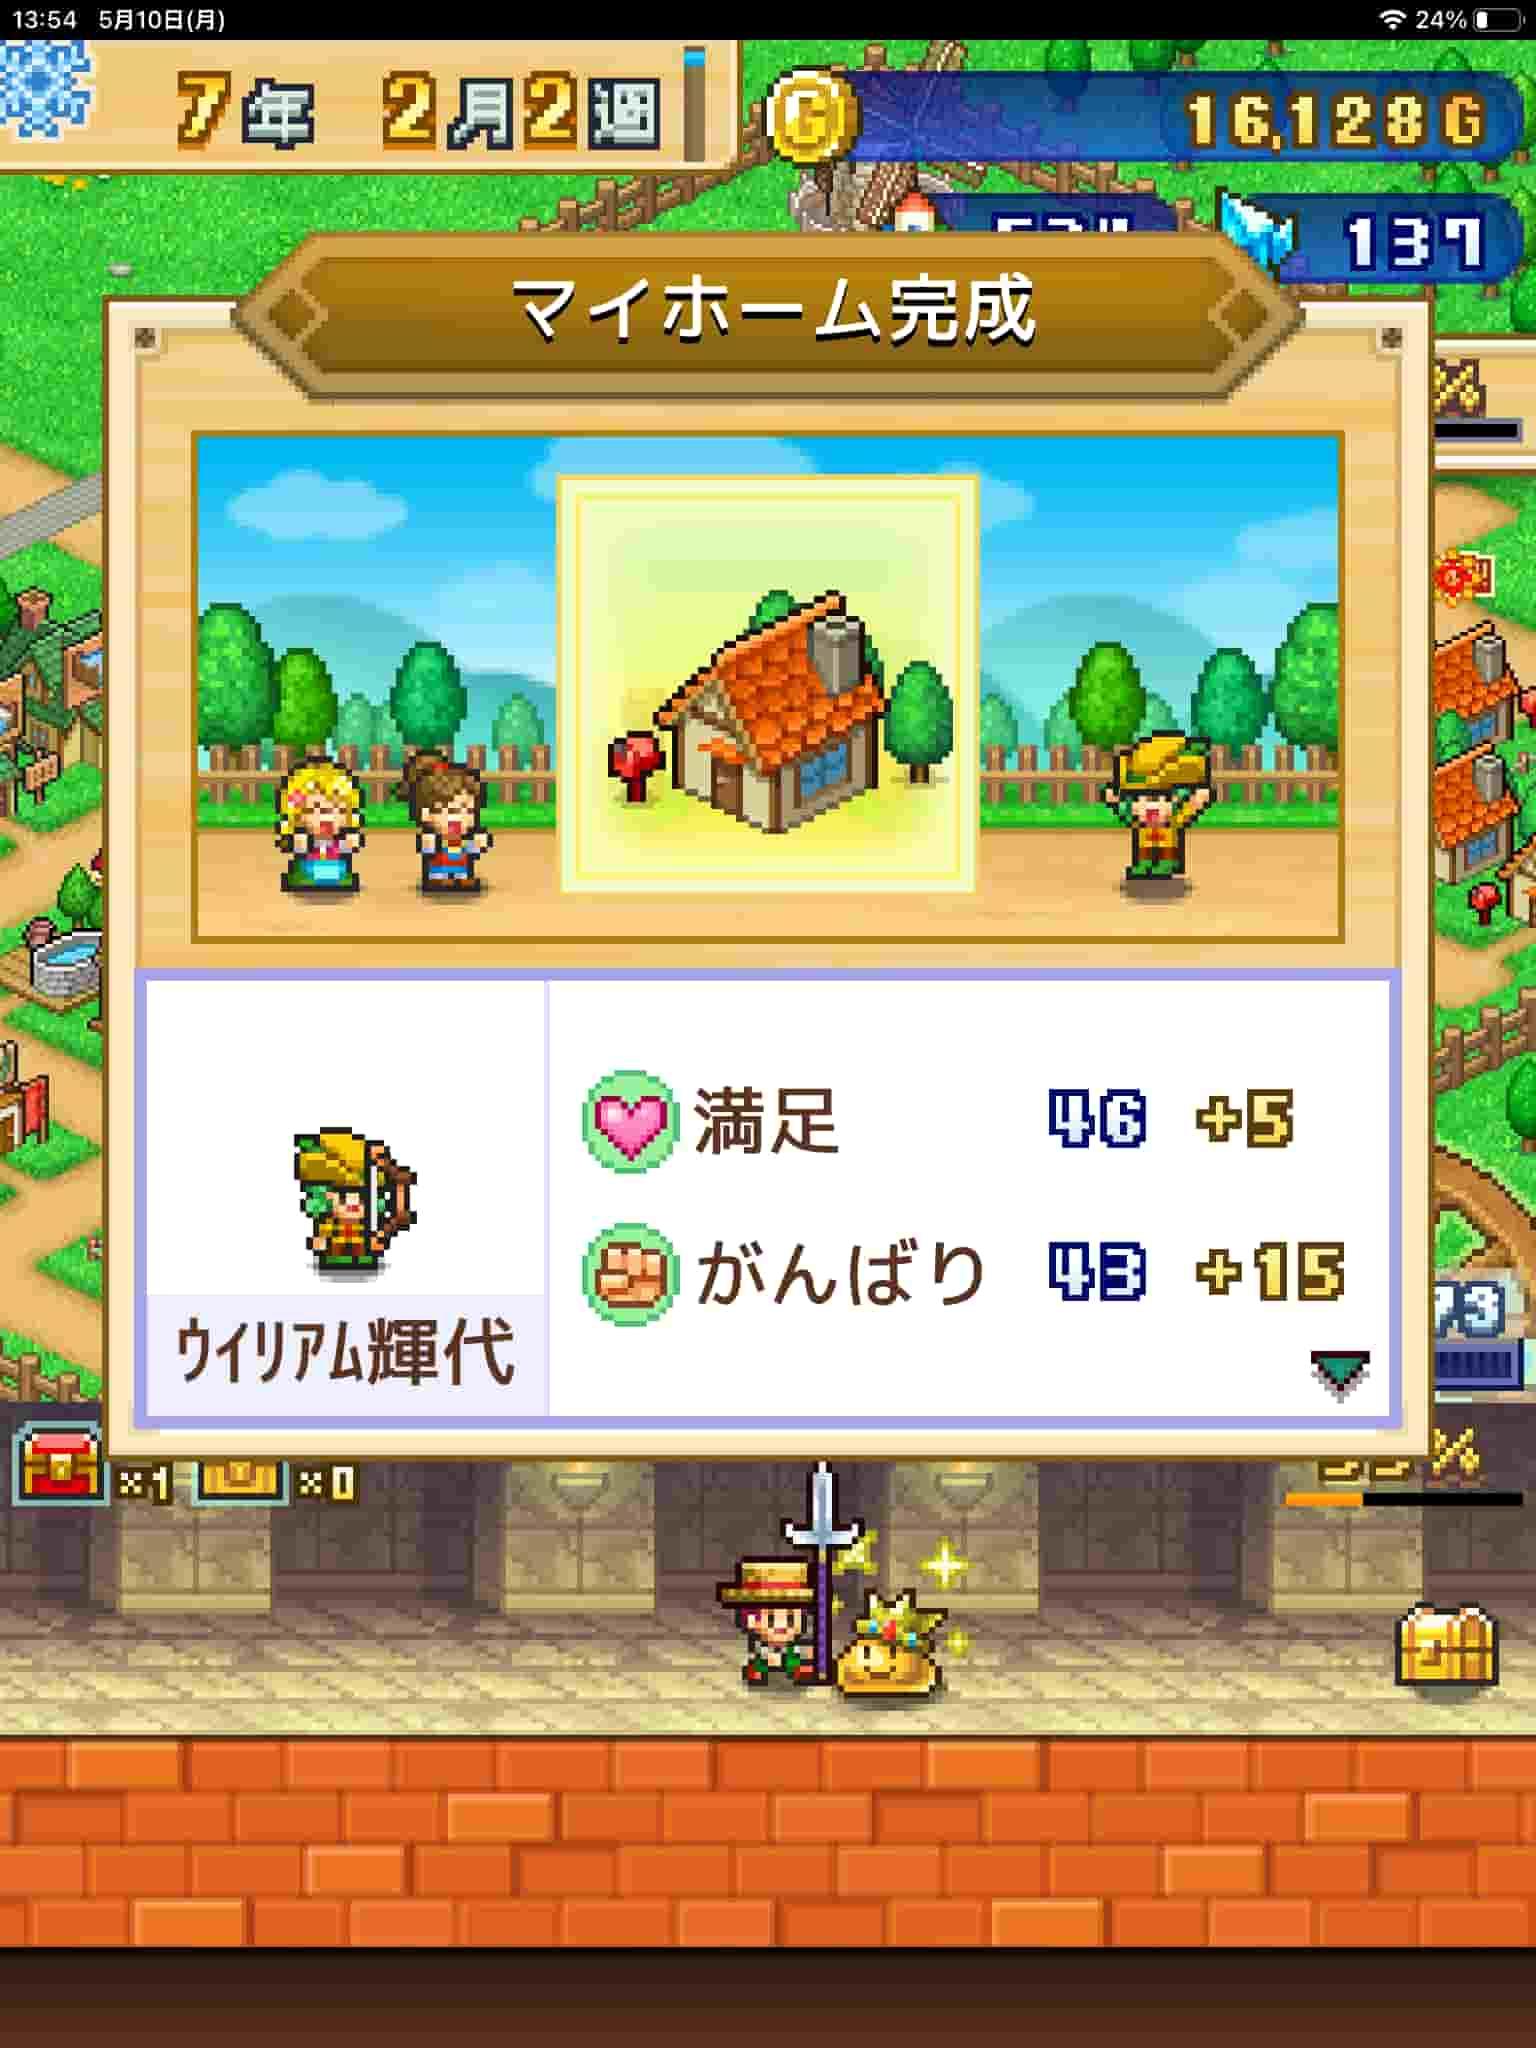 冒険ダンジョン村2、マイホーム